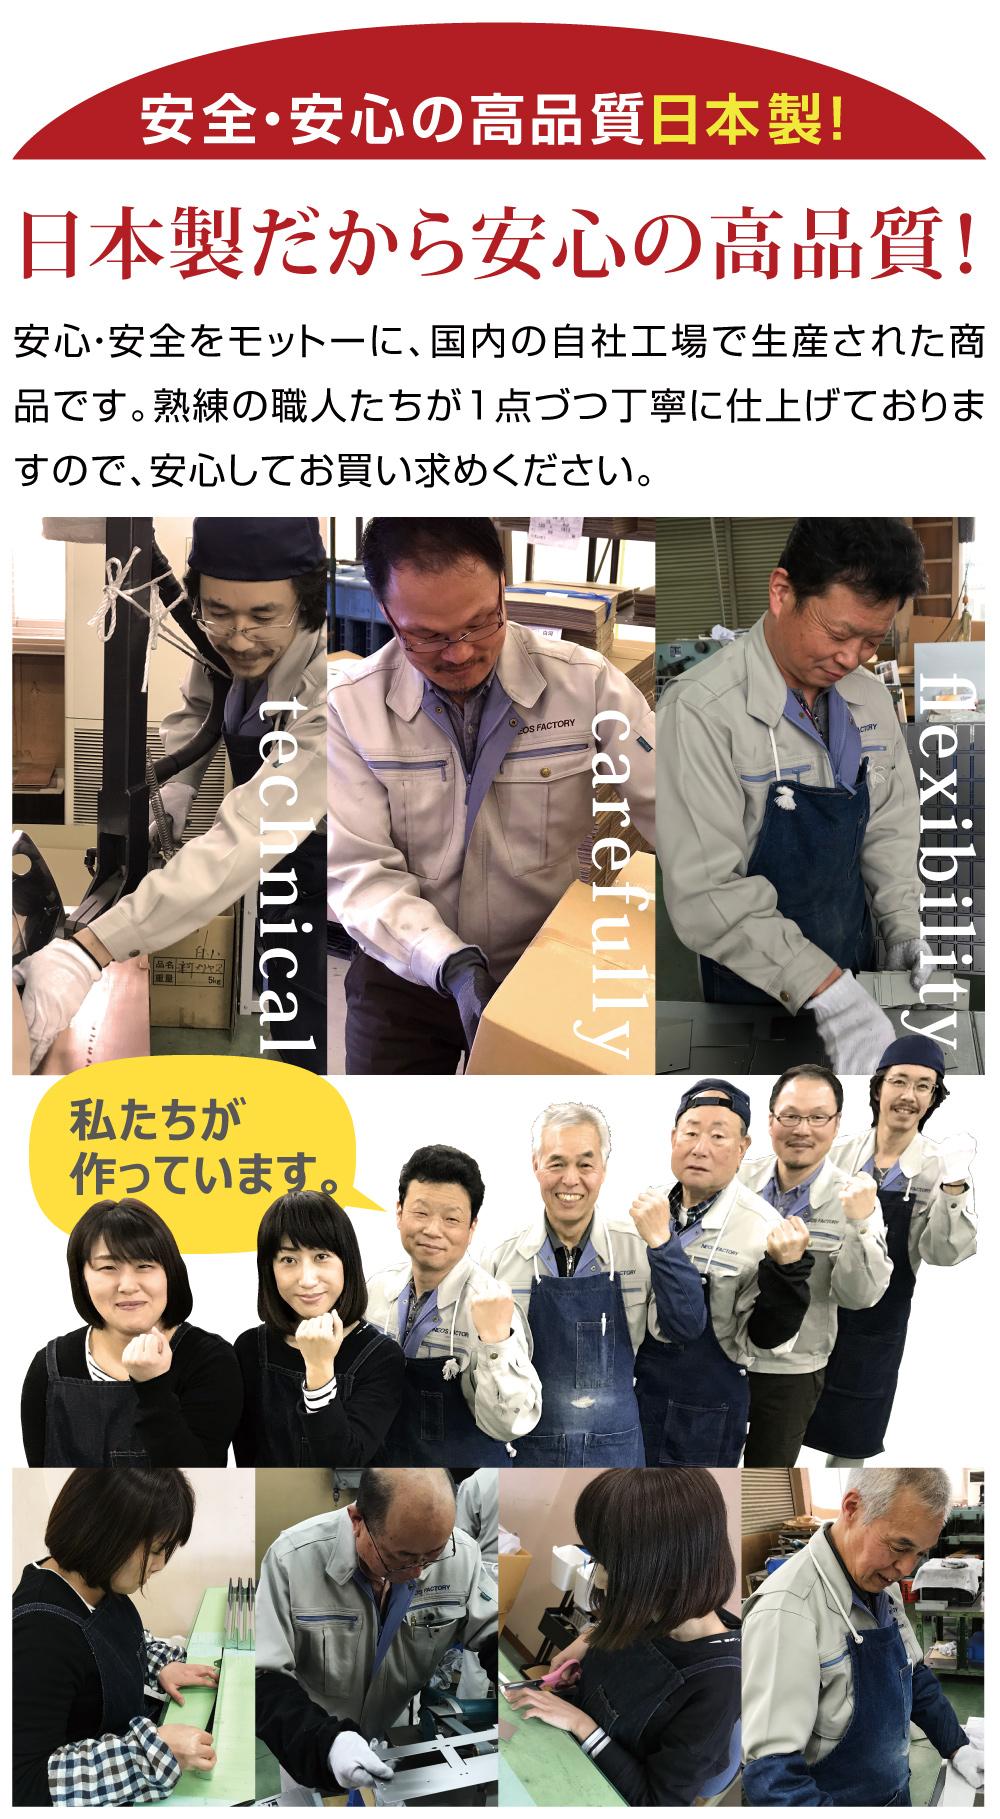 日本製だから安心の高品質!安心・安全をモットーに、国内の自社工場で生産された商品です。